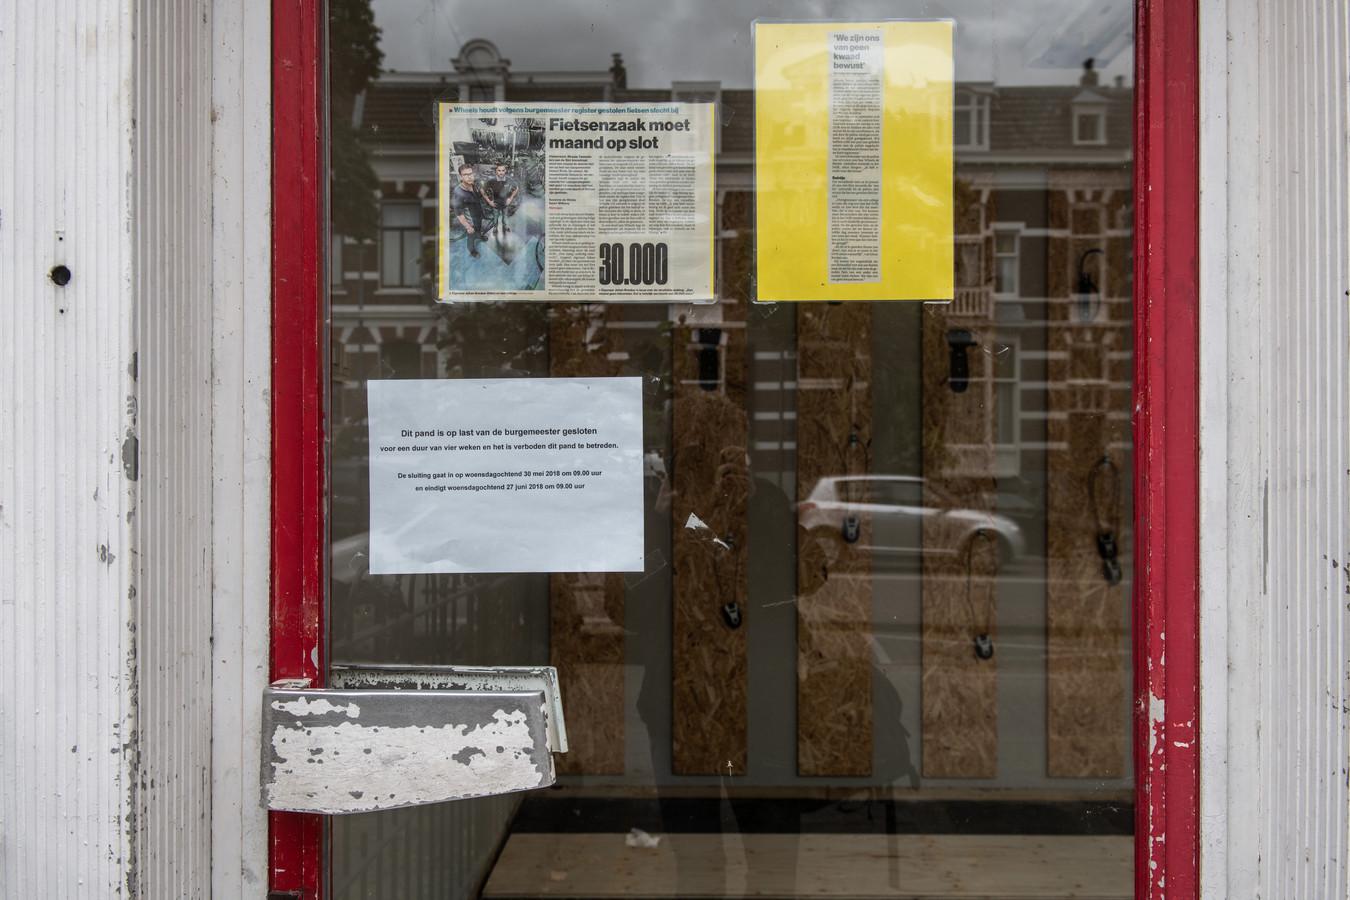 Op de voordeur bij Wheels hangen twee krantenartikelen met uitleg ove de kwestie.